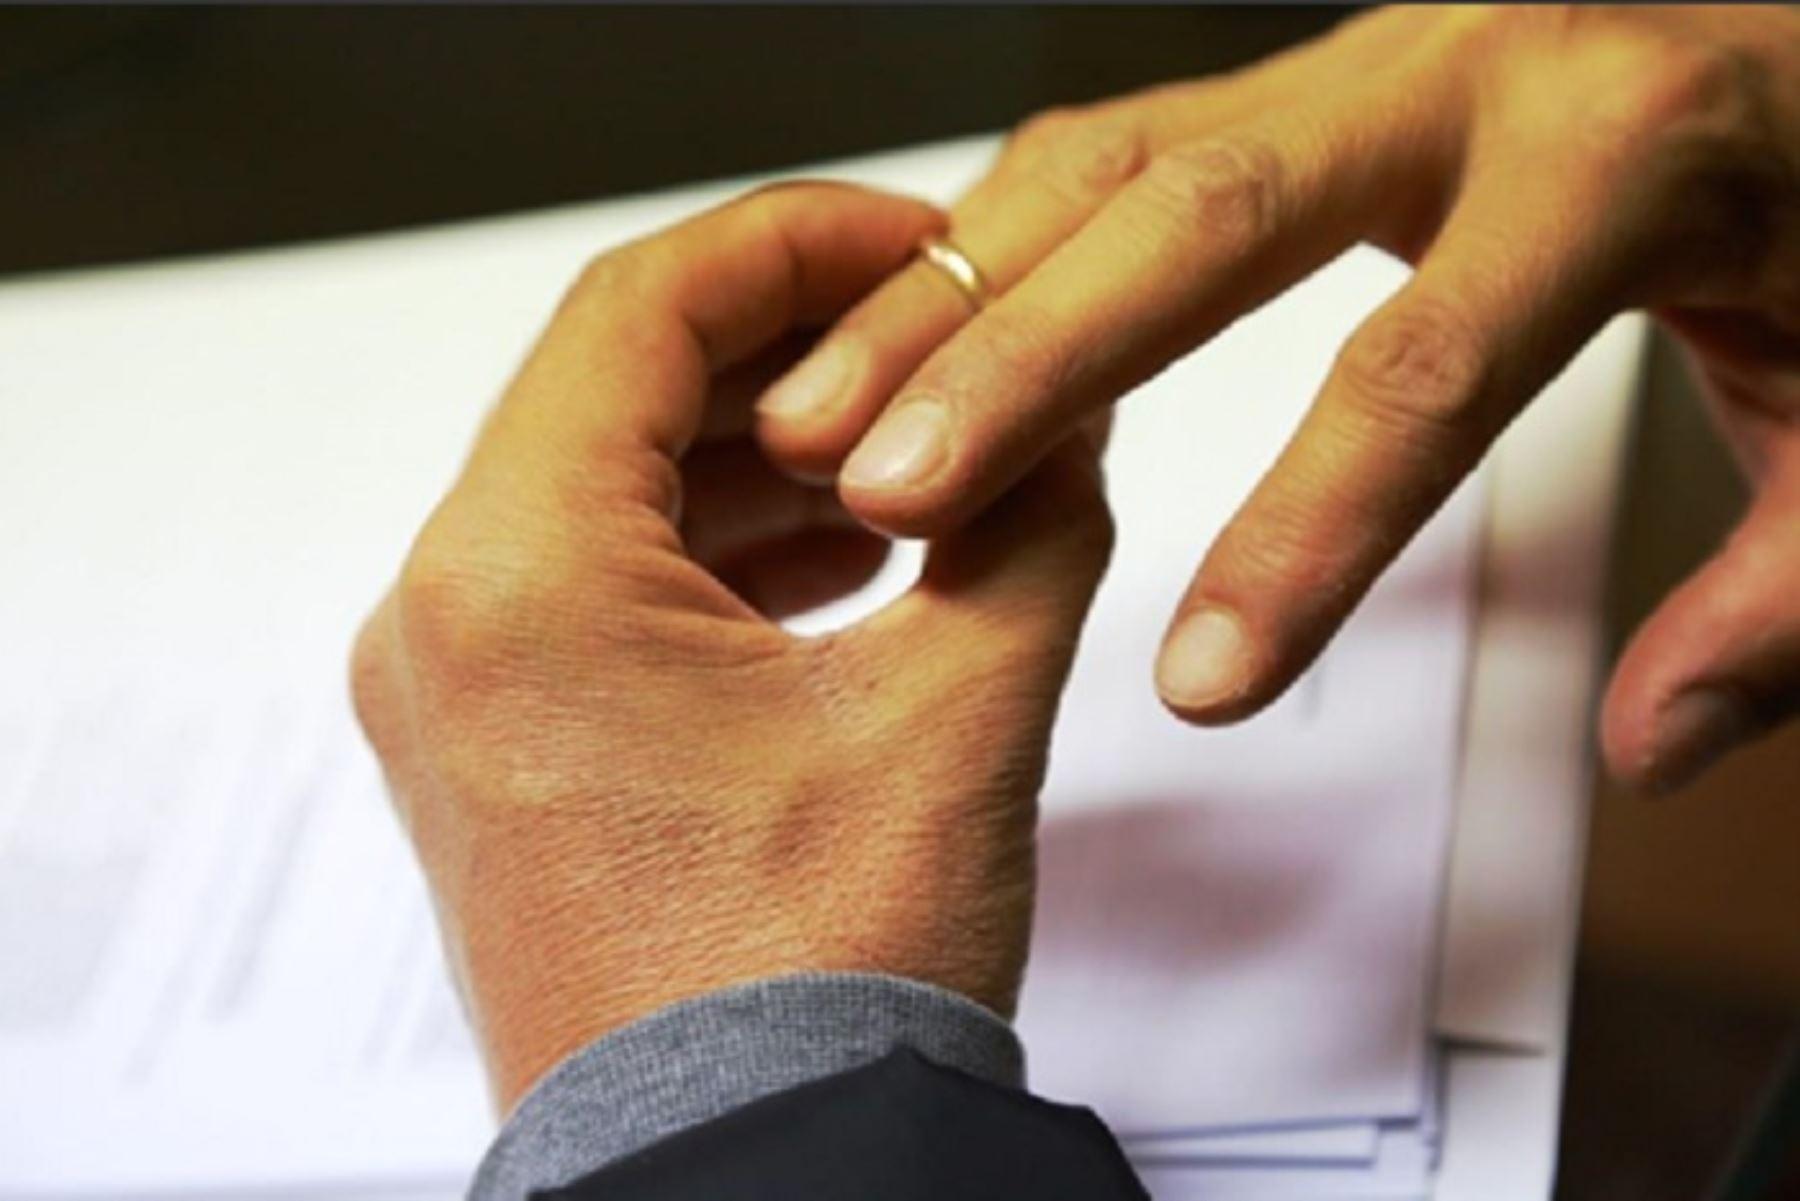 Las inscripciones de divorcios ante la Superintendencia Nacional de los Registros Públicos (Sunarp) a nivel nacional, aumentó en ocho regiones: Amazonas, Arequipa, Ayacucho, Cusco, Lima, Loreto, Piura y Ucayali.